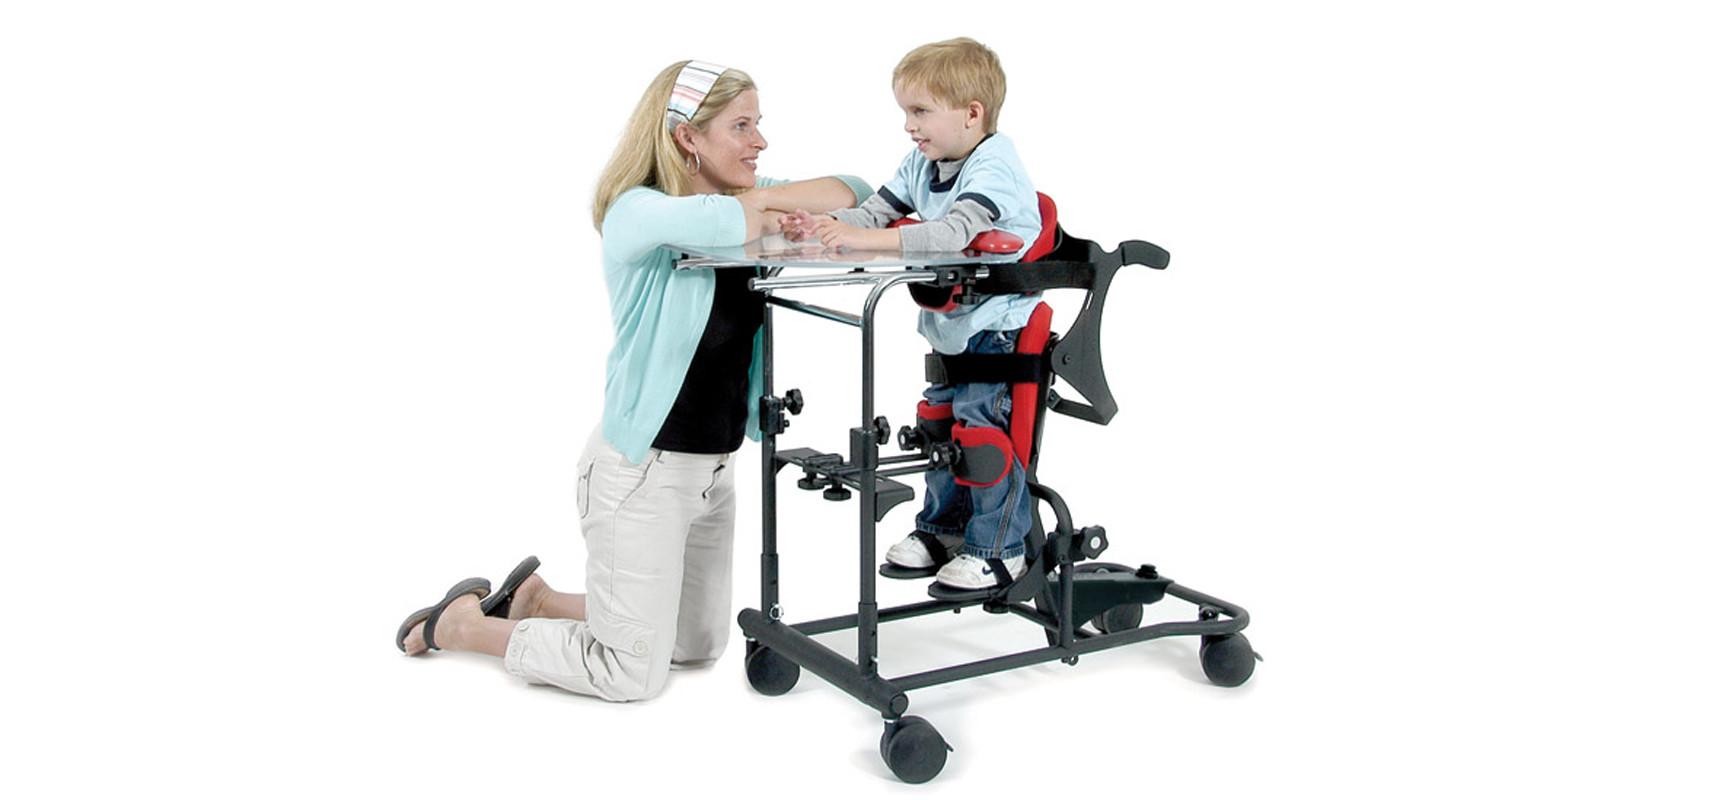 Организация и проведение реабилитации детей с перинатальными поражениями нервной системы